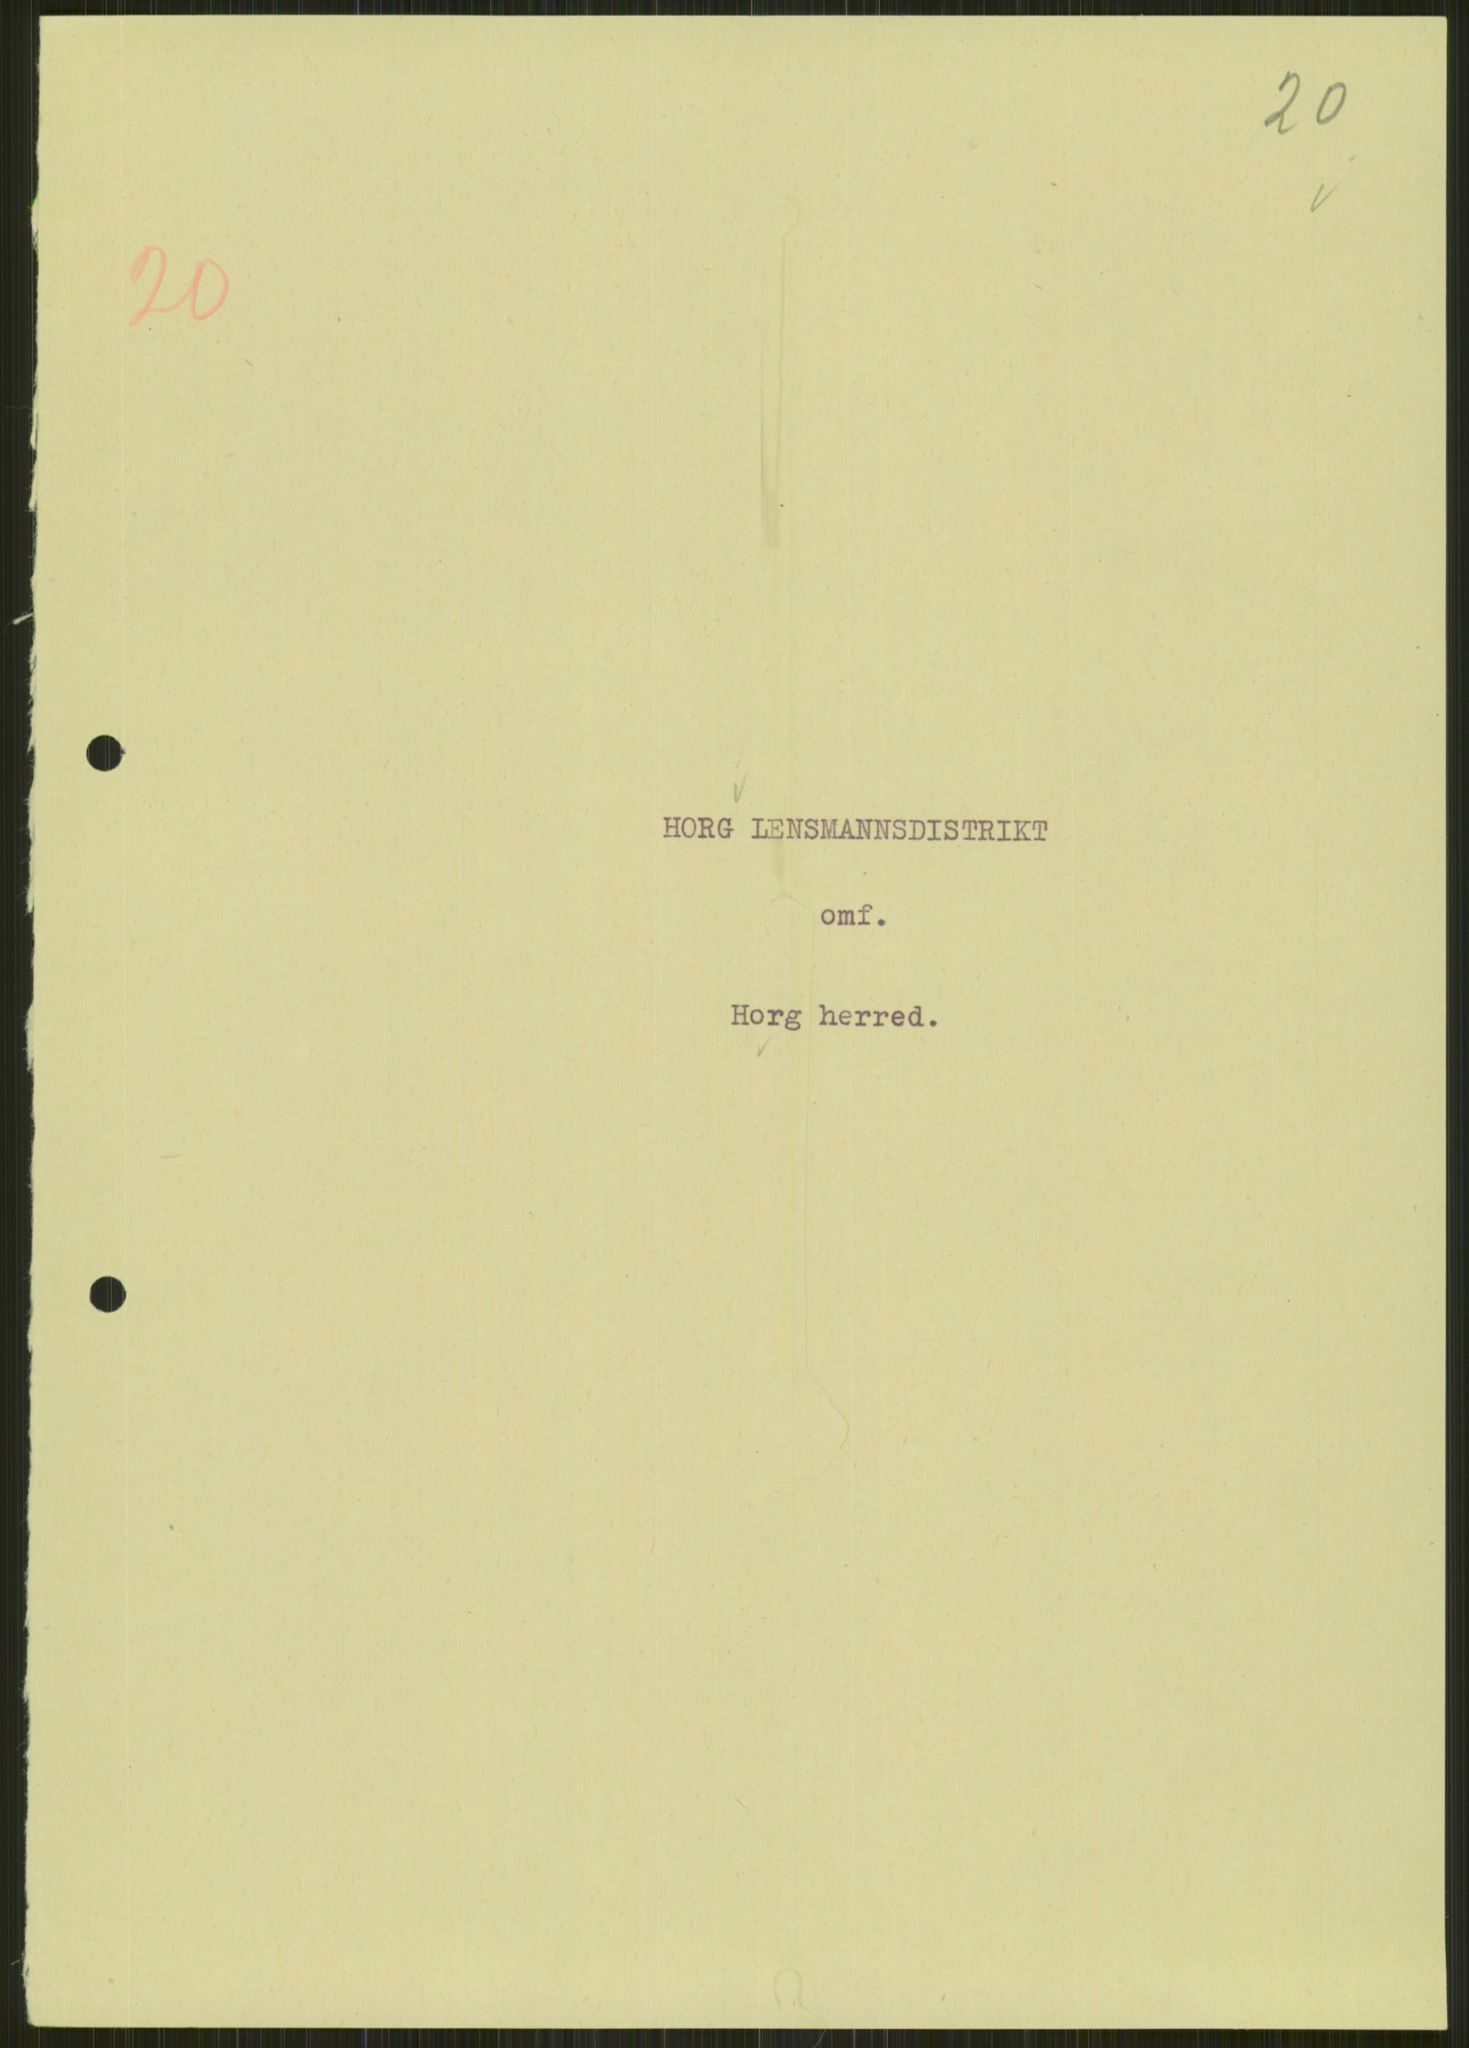 RA, Forsvaret, Forsvarets krigshistoriske avdeling, Y/Ya/L0016: II-C-11-31 - Fylkesmenn.  Rapporter om krigsbegivenhetene 1940., 1940, s. 158